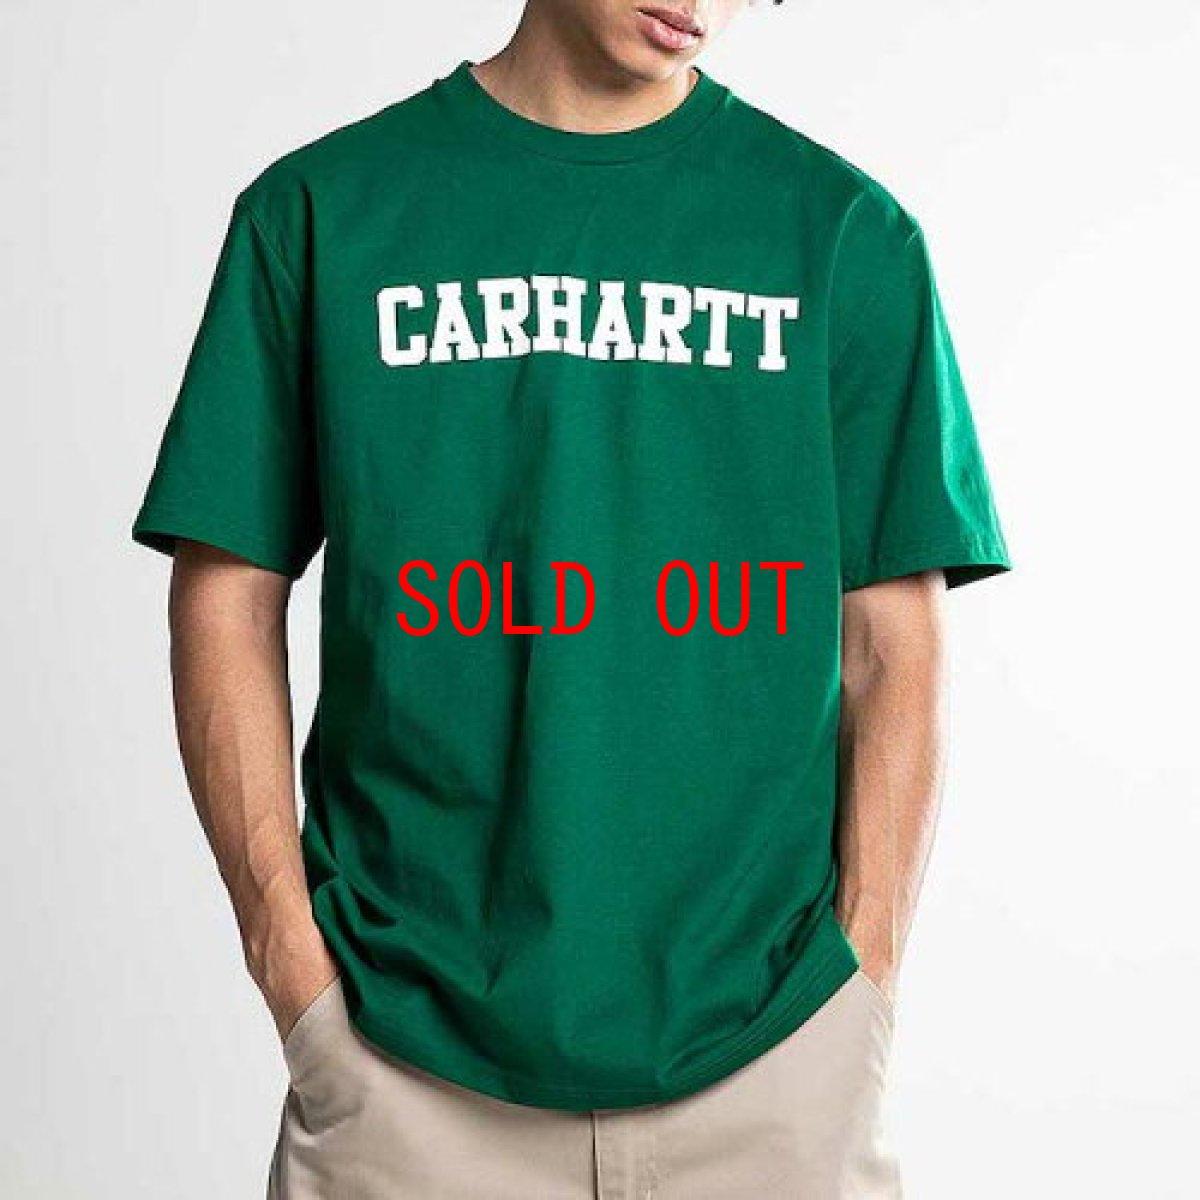 画像1: Carhartt WIP(カーハート ワークインプログレス) College Logo S/S Tee Green カレッジ ロゴ 半袖 Tシャツ (1)